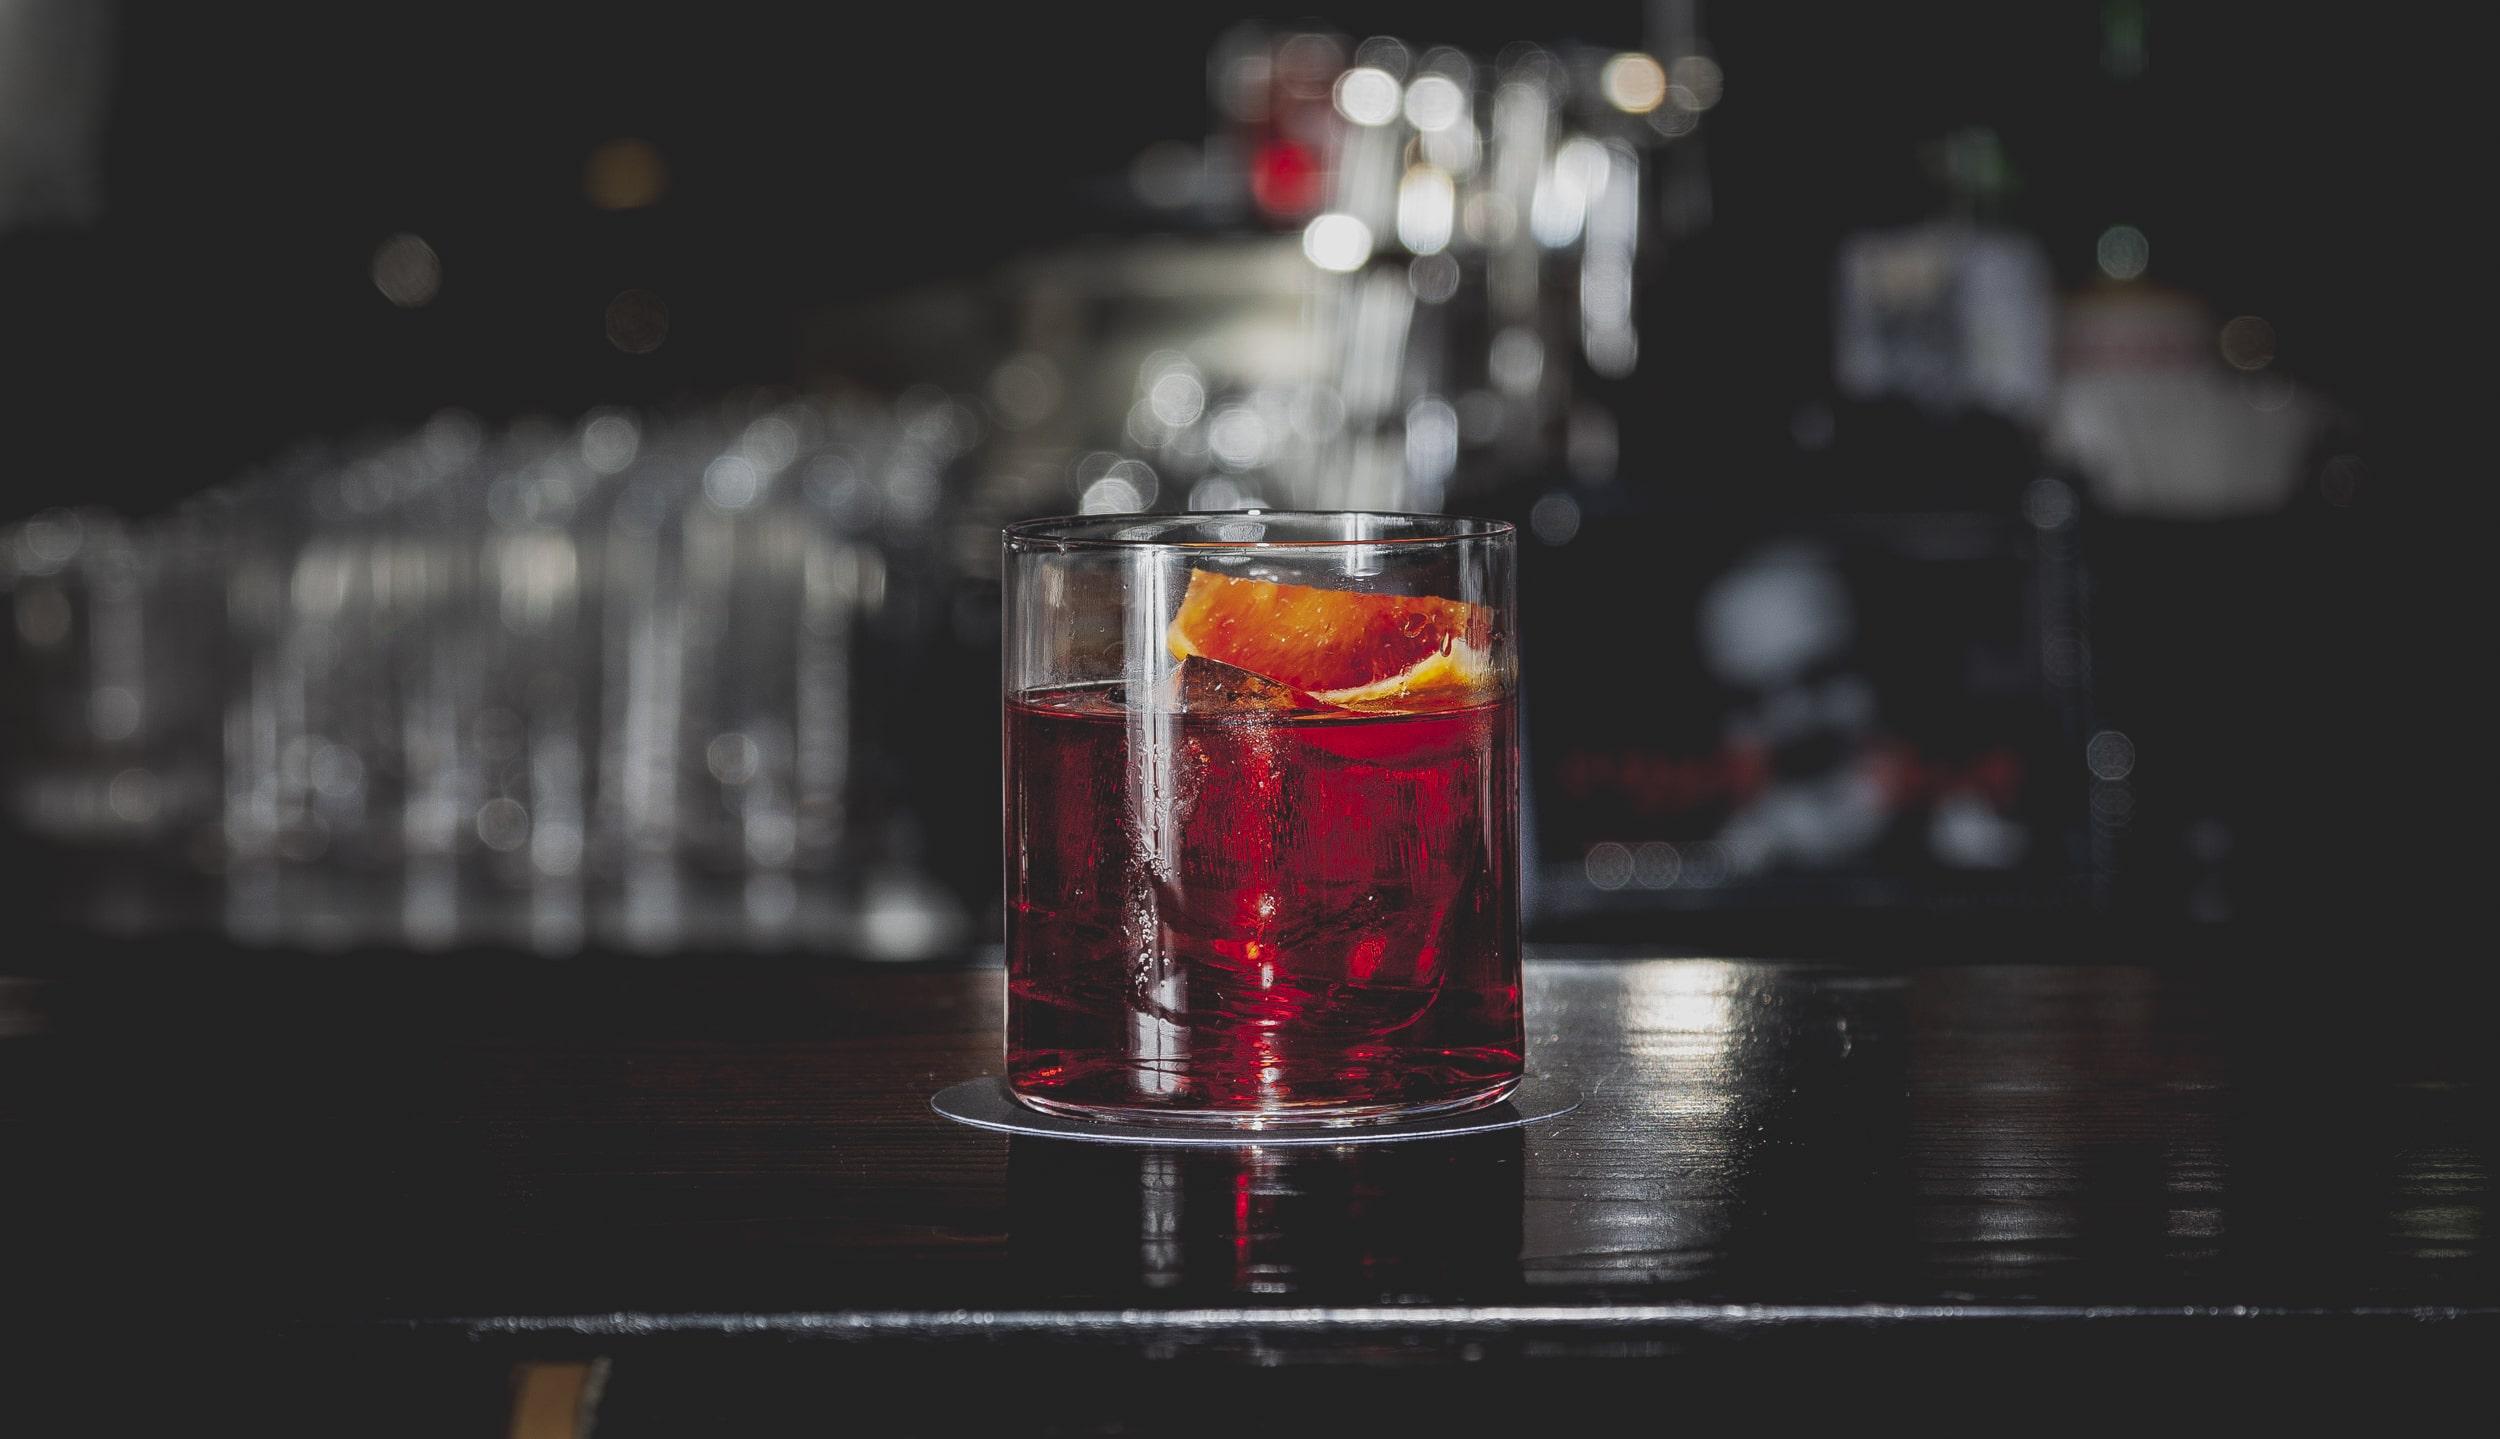 Americano Ricetta Angostura.Milano Torino Cocktail Quality Aperitif At Home Nio Cocktails